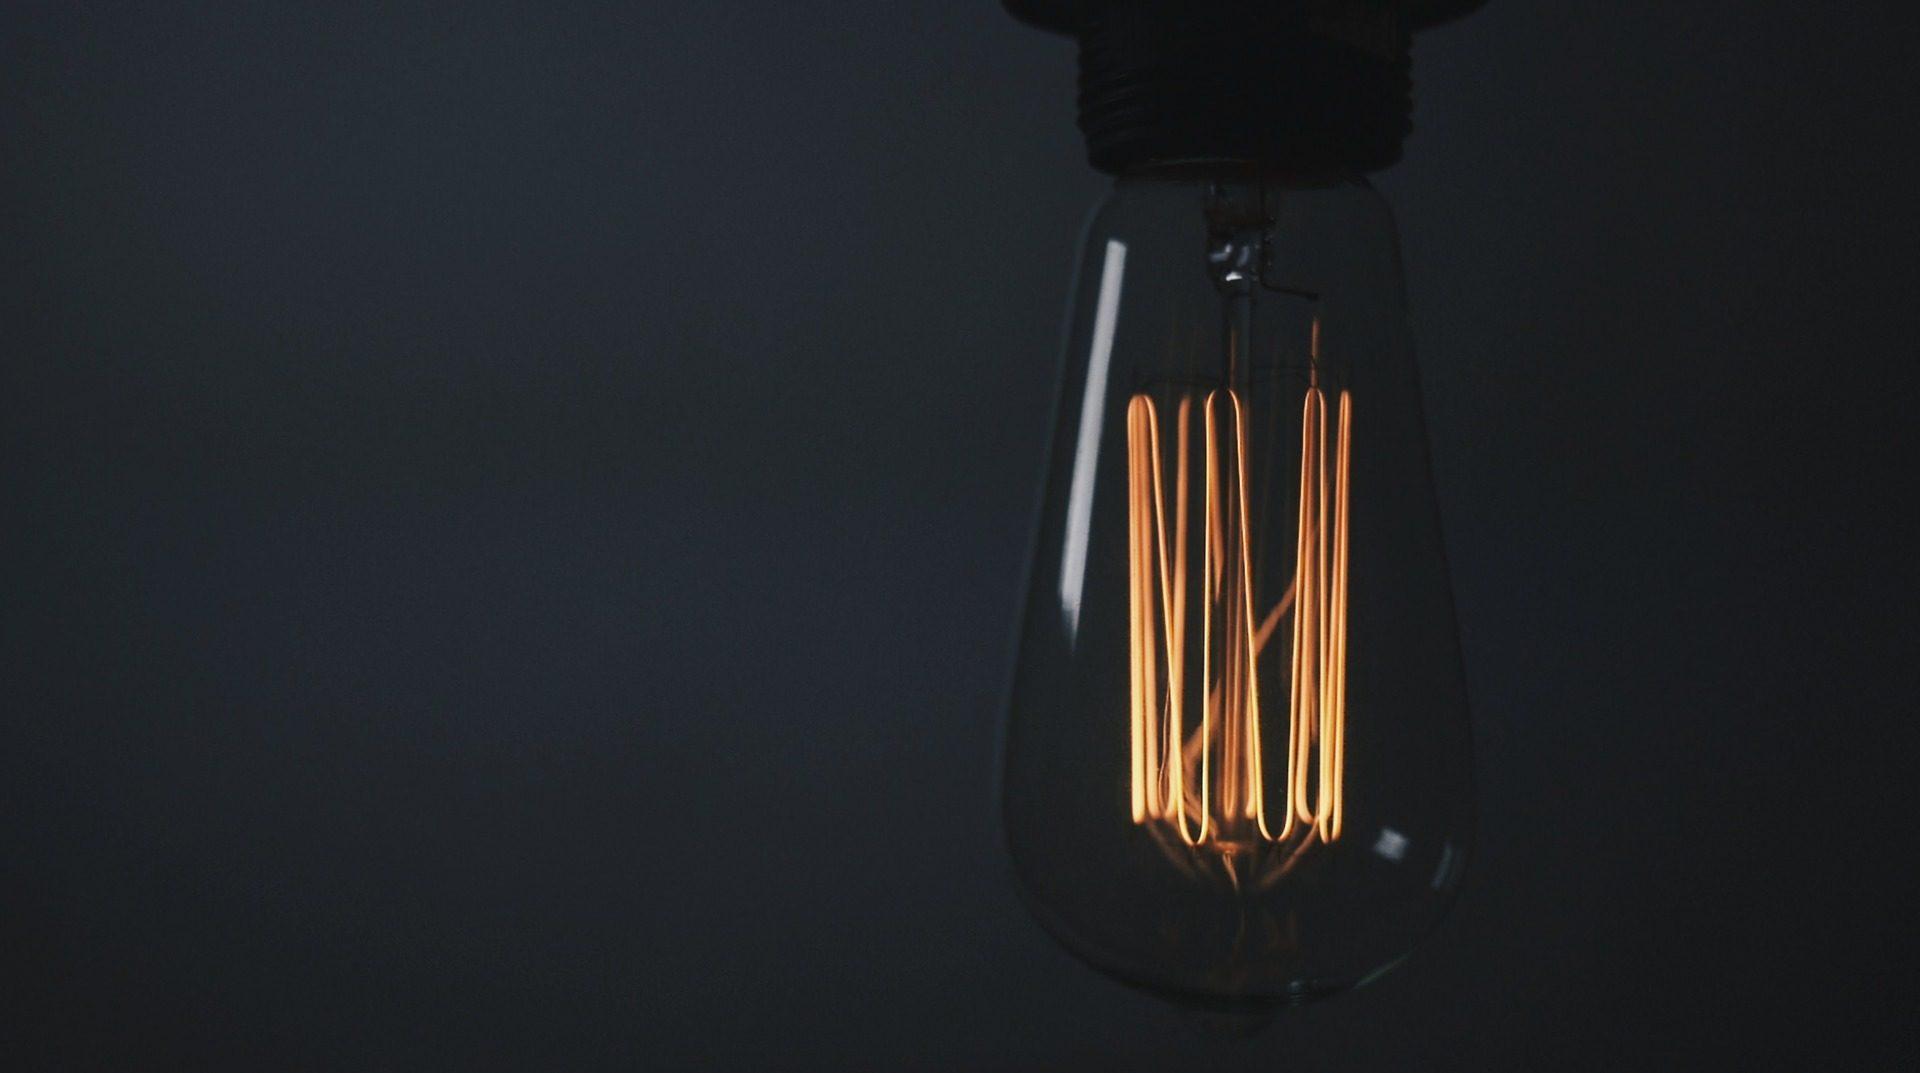 灯泡, 光, 白炽化, 电阻, 电力 - 高清壁纸 - 教授-falken.com